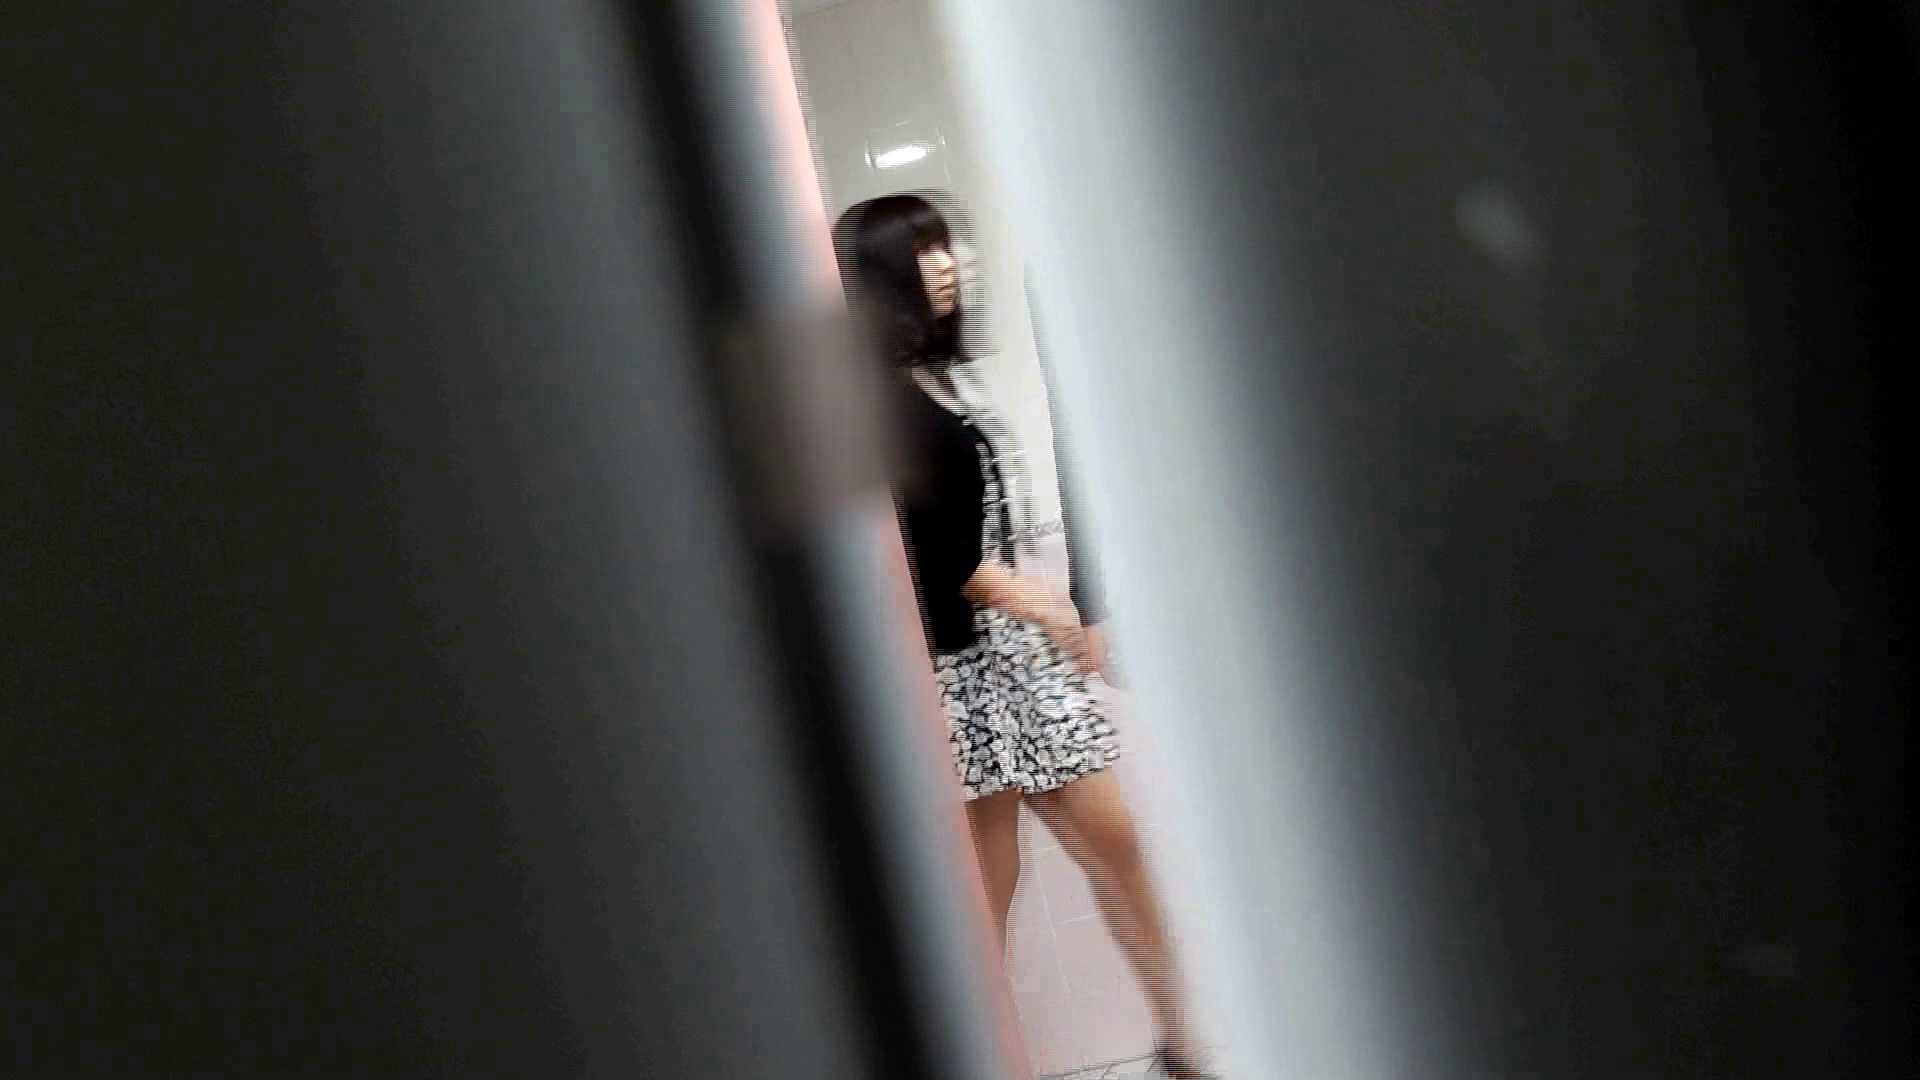 美しい日本の未来 特別版 軌跡2 盗撮エロすぎ   おまんこ無修正  76連発 47